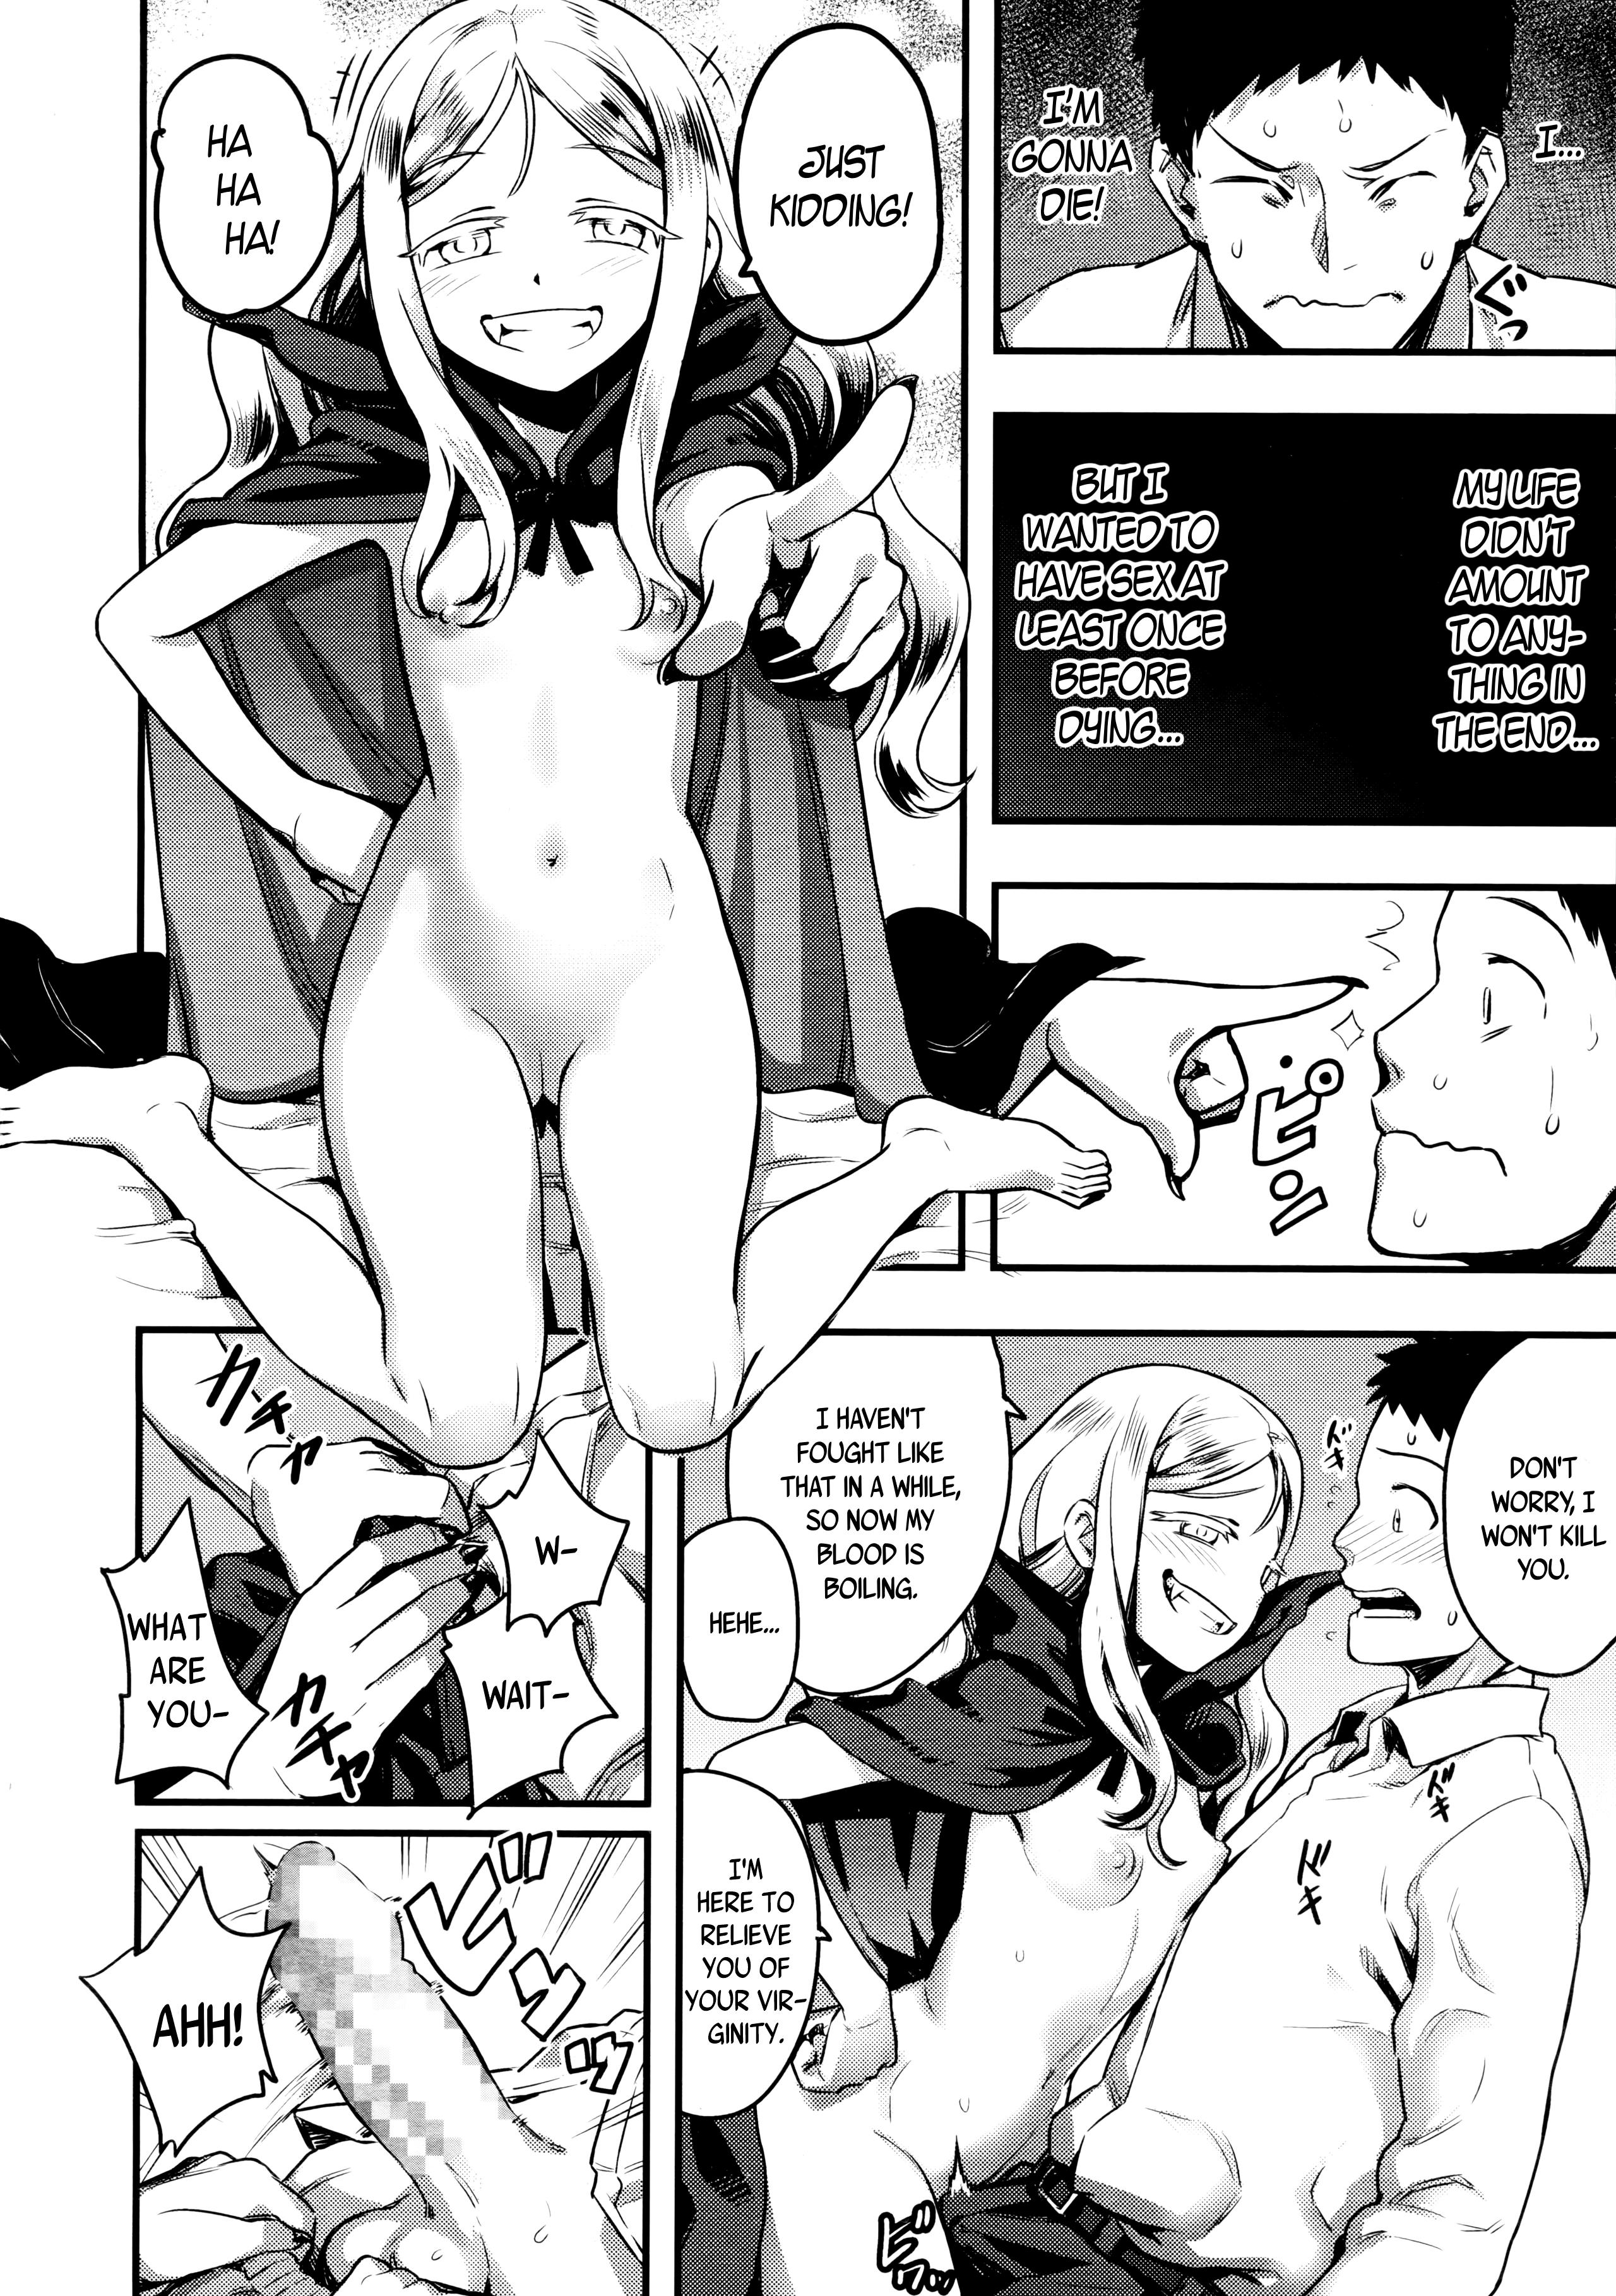 Yupiel-sama no Geboku | Lady Yupiel's Servant 11